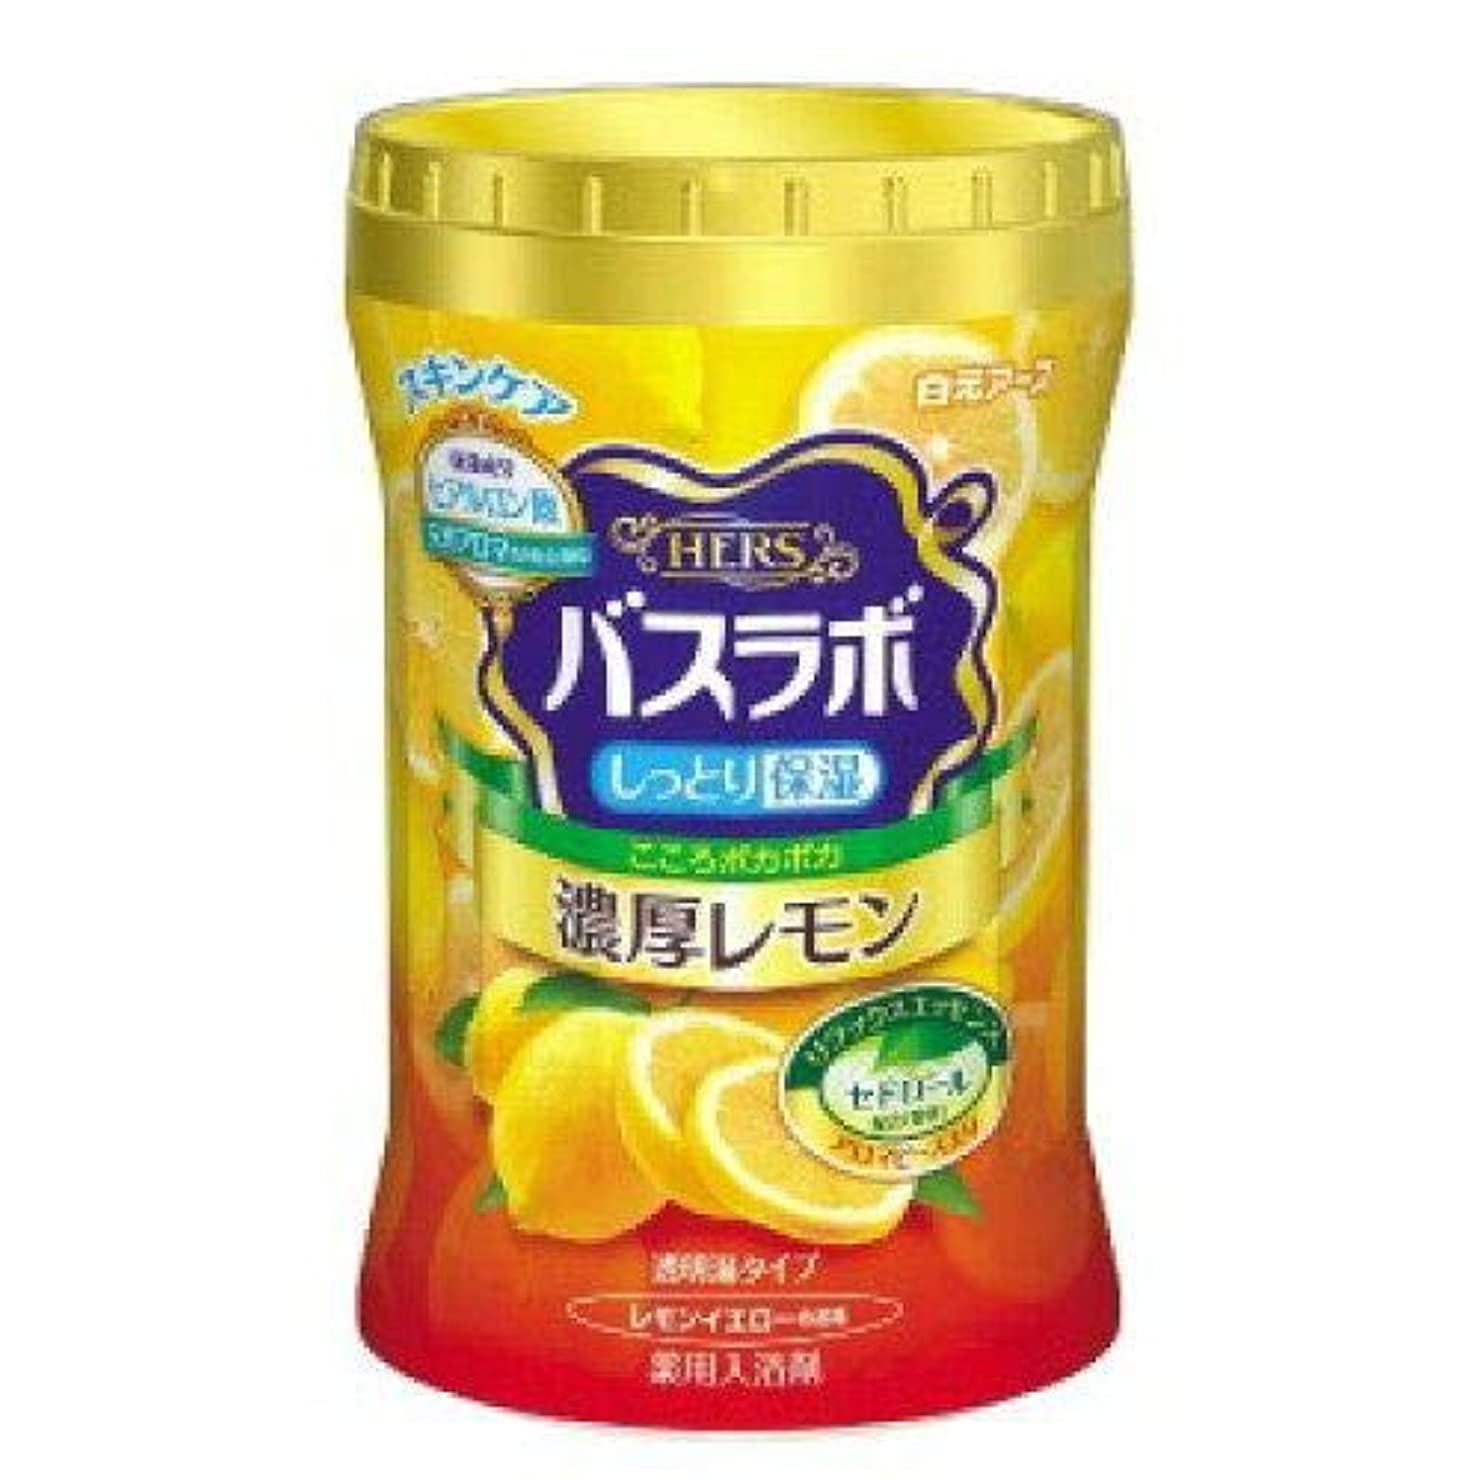 謙虚慢性的プレビューバスラボボトル濃厚レモン640g